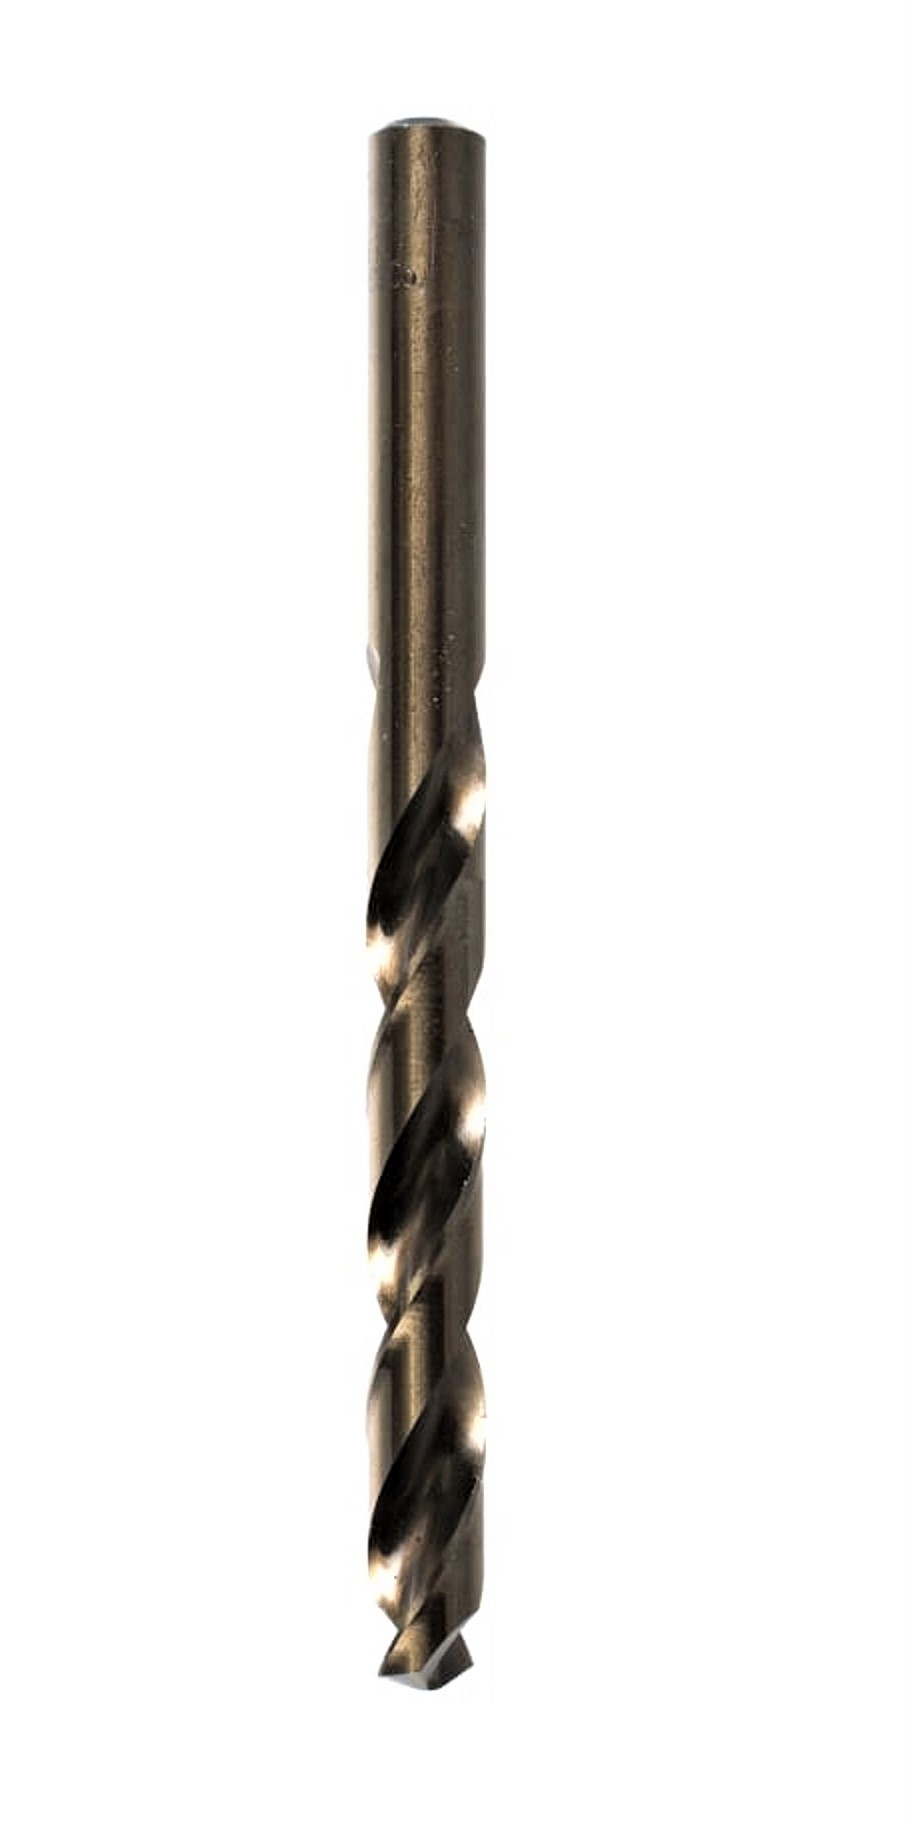 Сверло по металлу 3,5х70мм Hagwert - фото